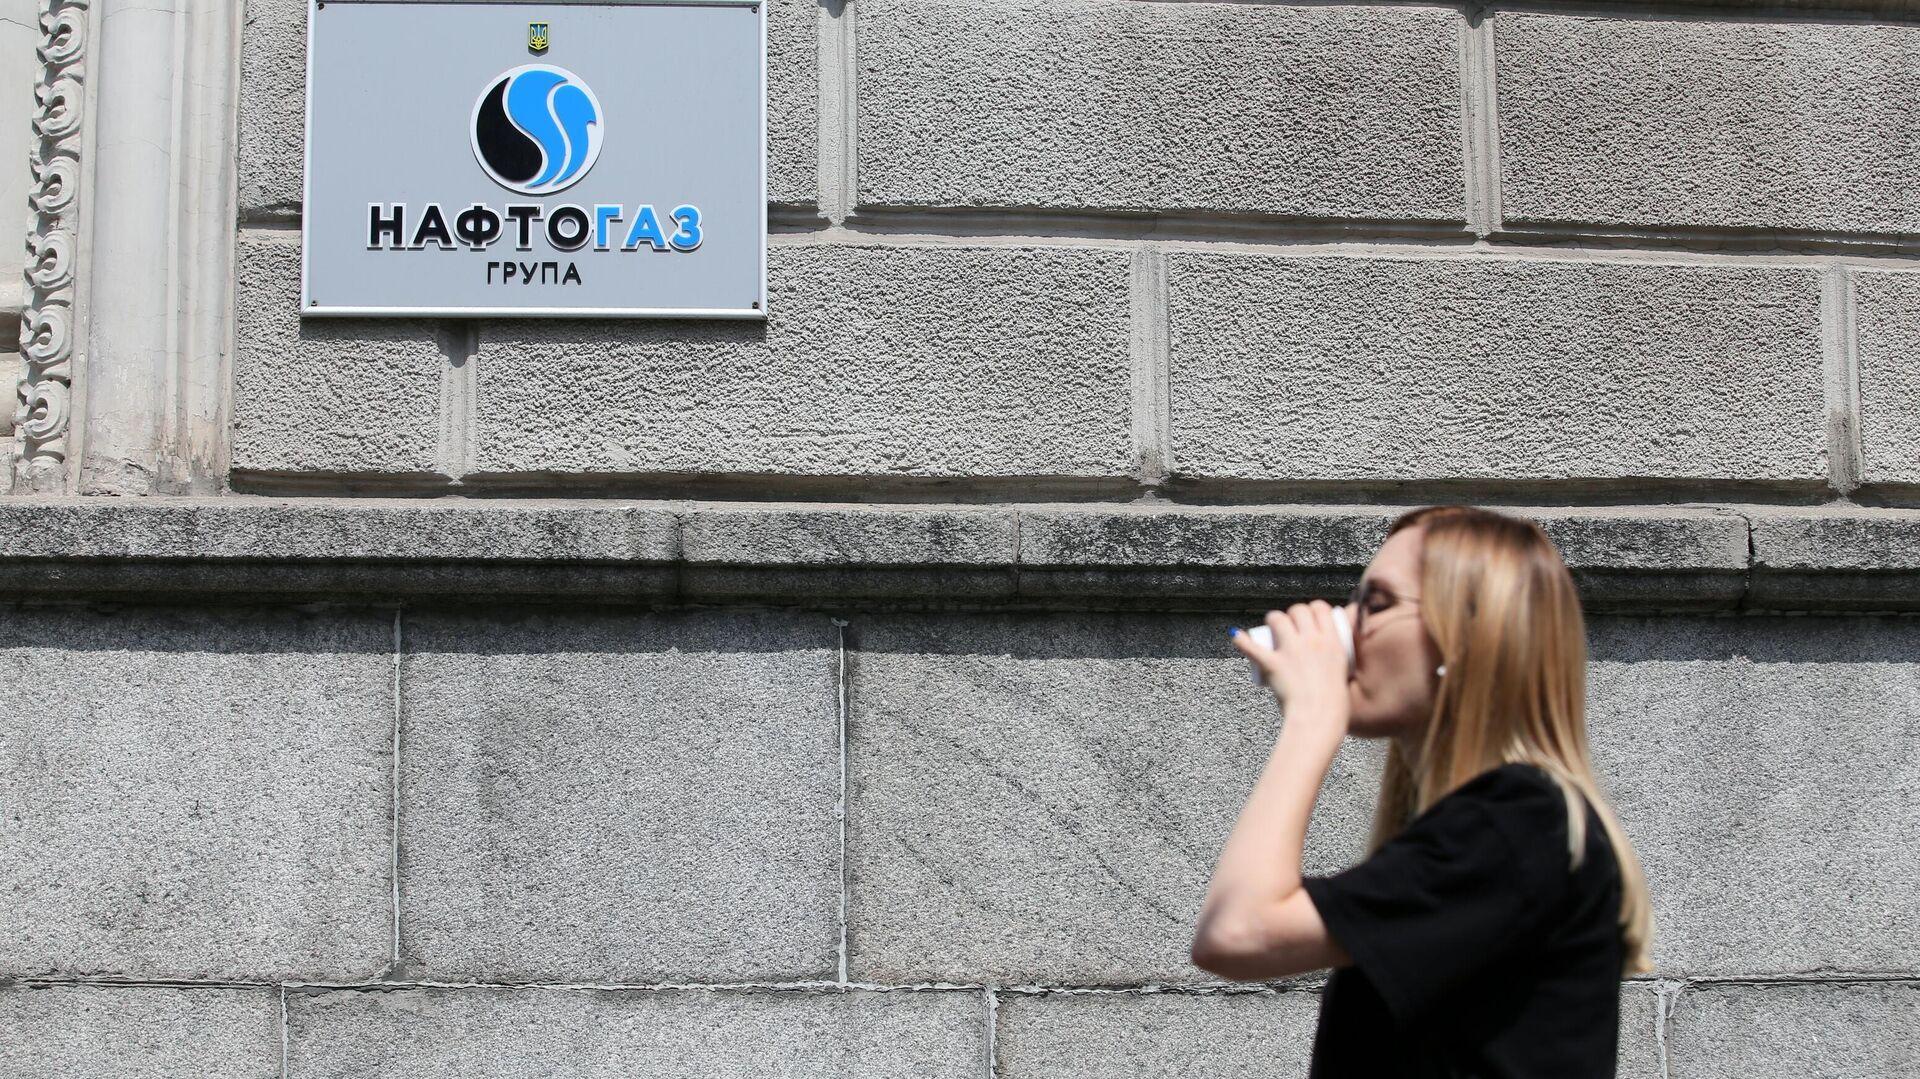 Здание национальной акционерной компании Нафтогаз-Украины.  - Sputnik Узбекистан, 1920, 29.09.2021